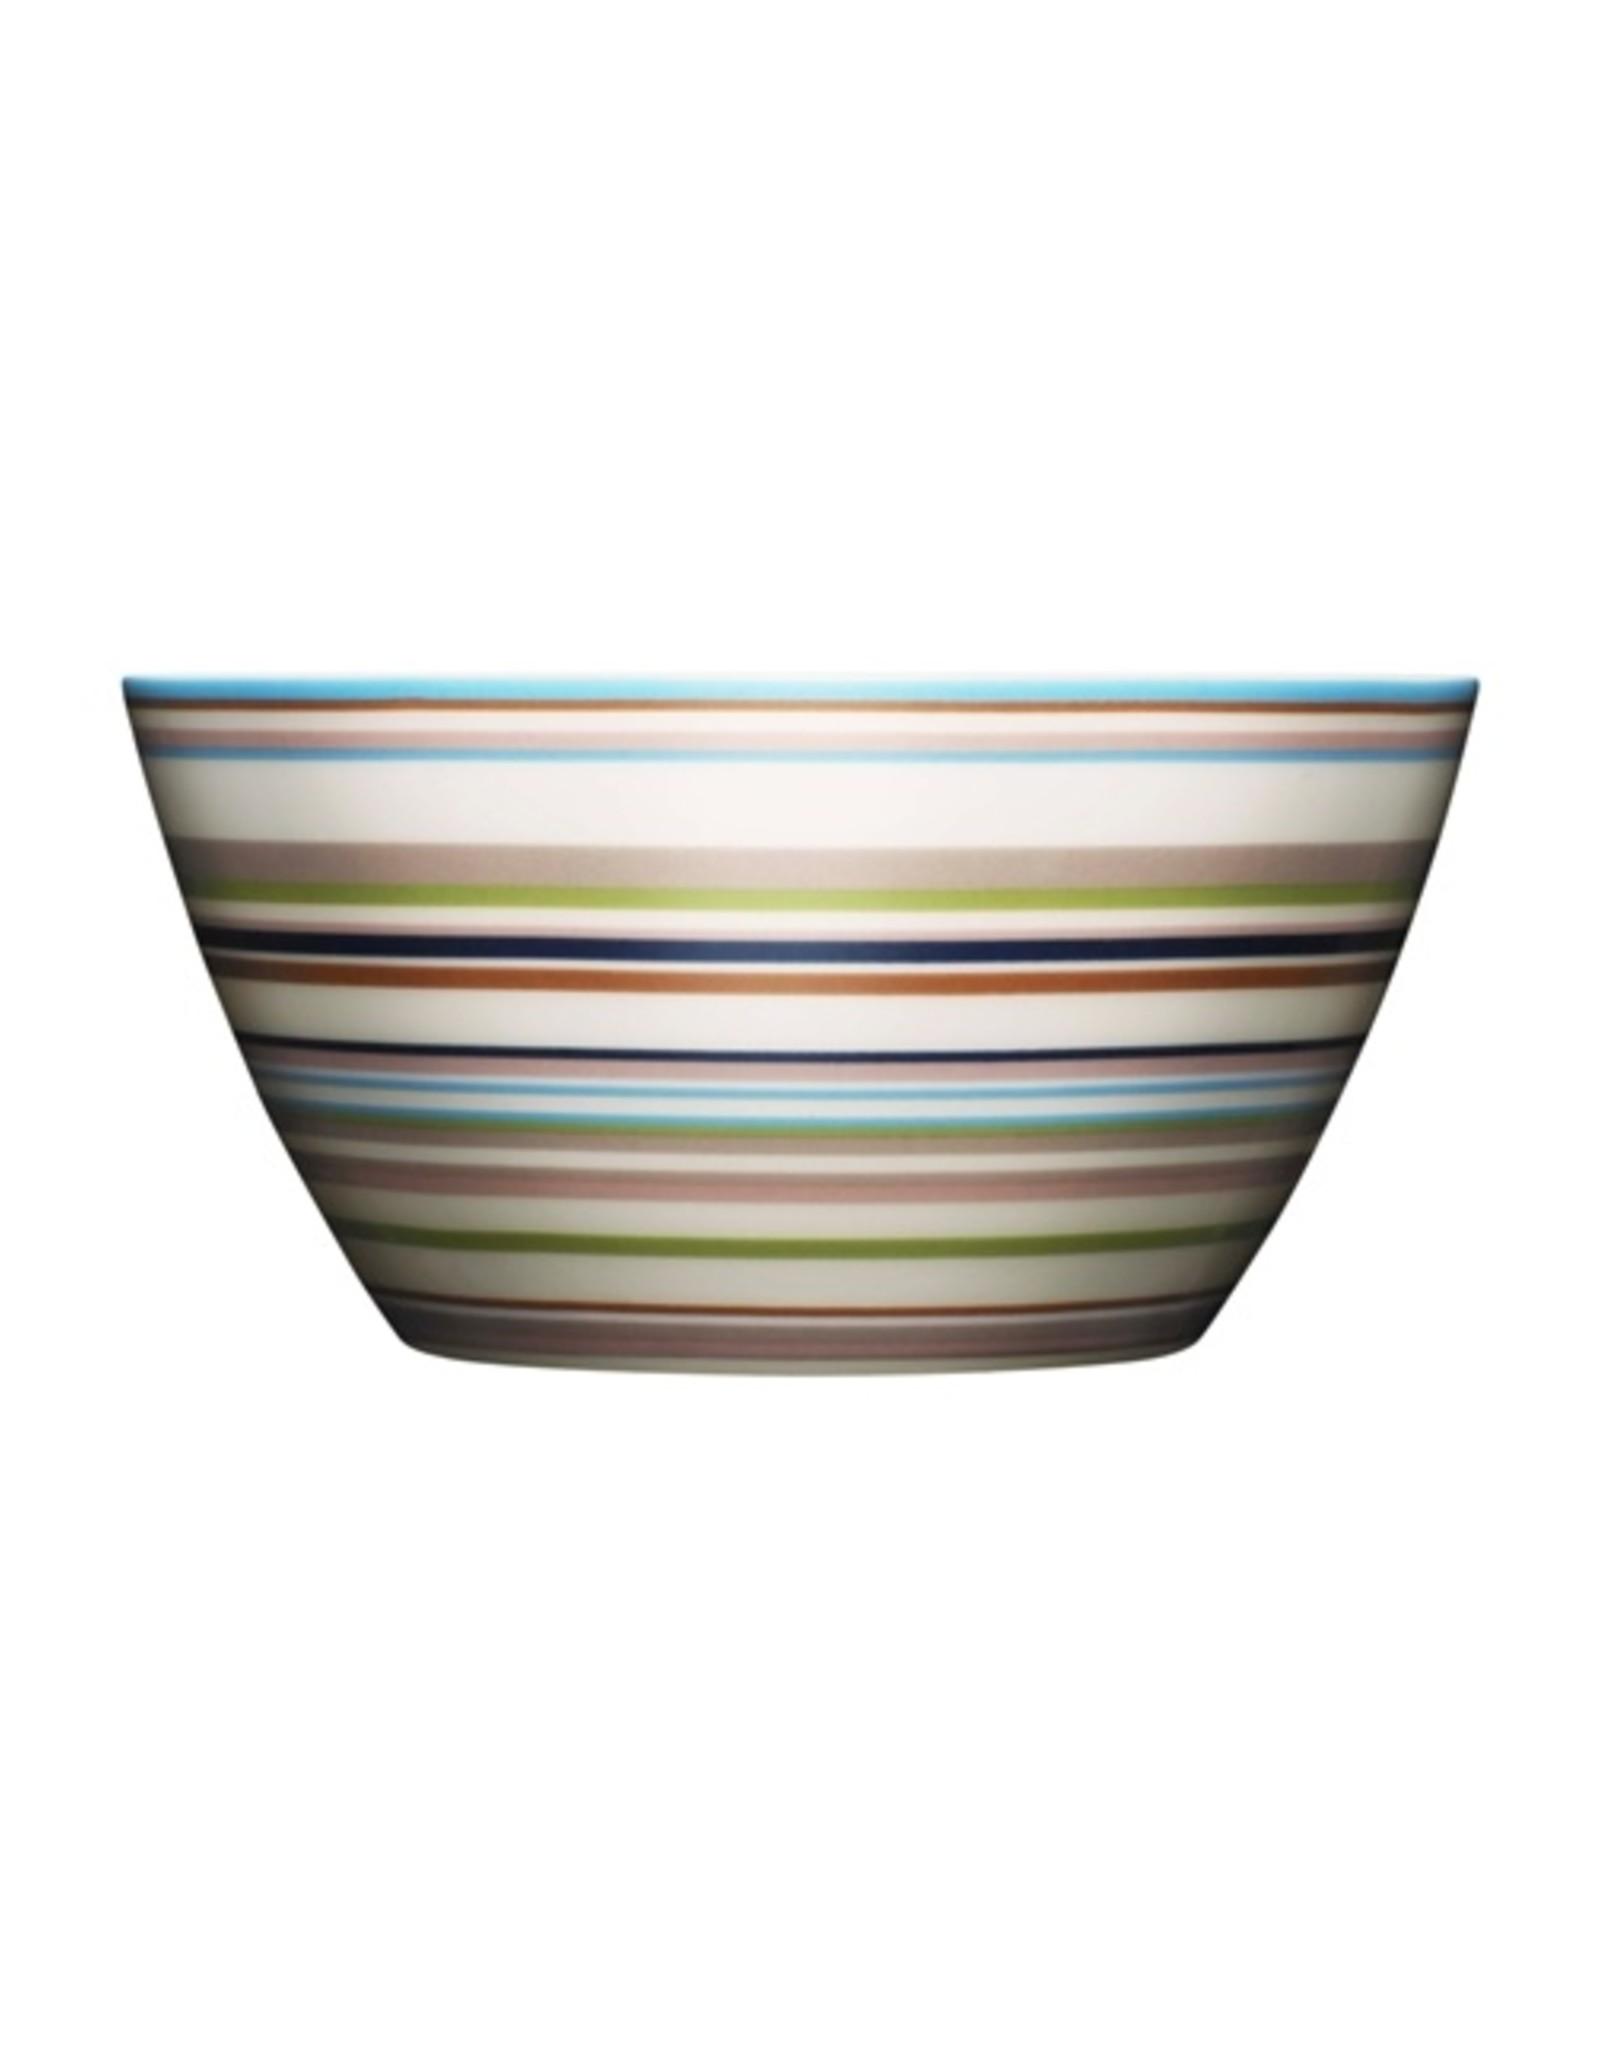 Iittala Iittala Origo Schaal - Serveerkom - 0,5 liter - Ø 14,1 cm -  Beige Gekleurd